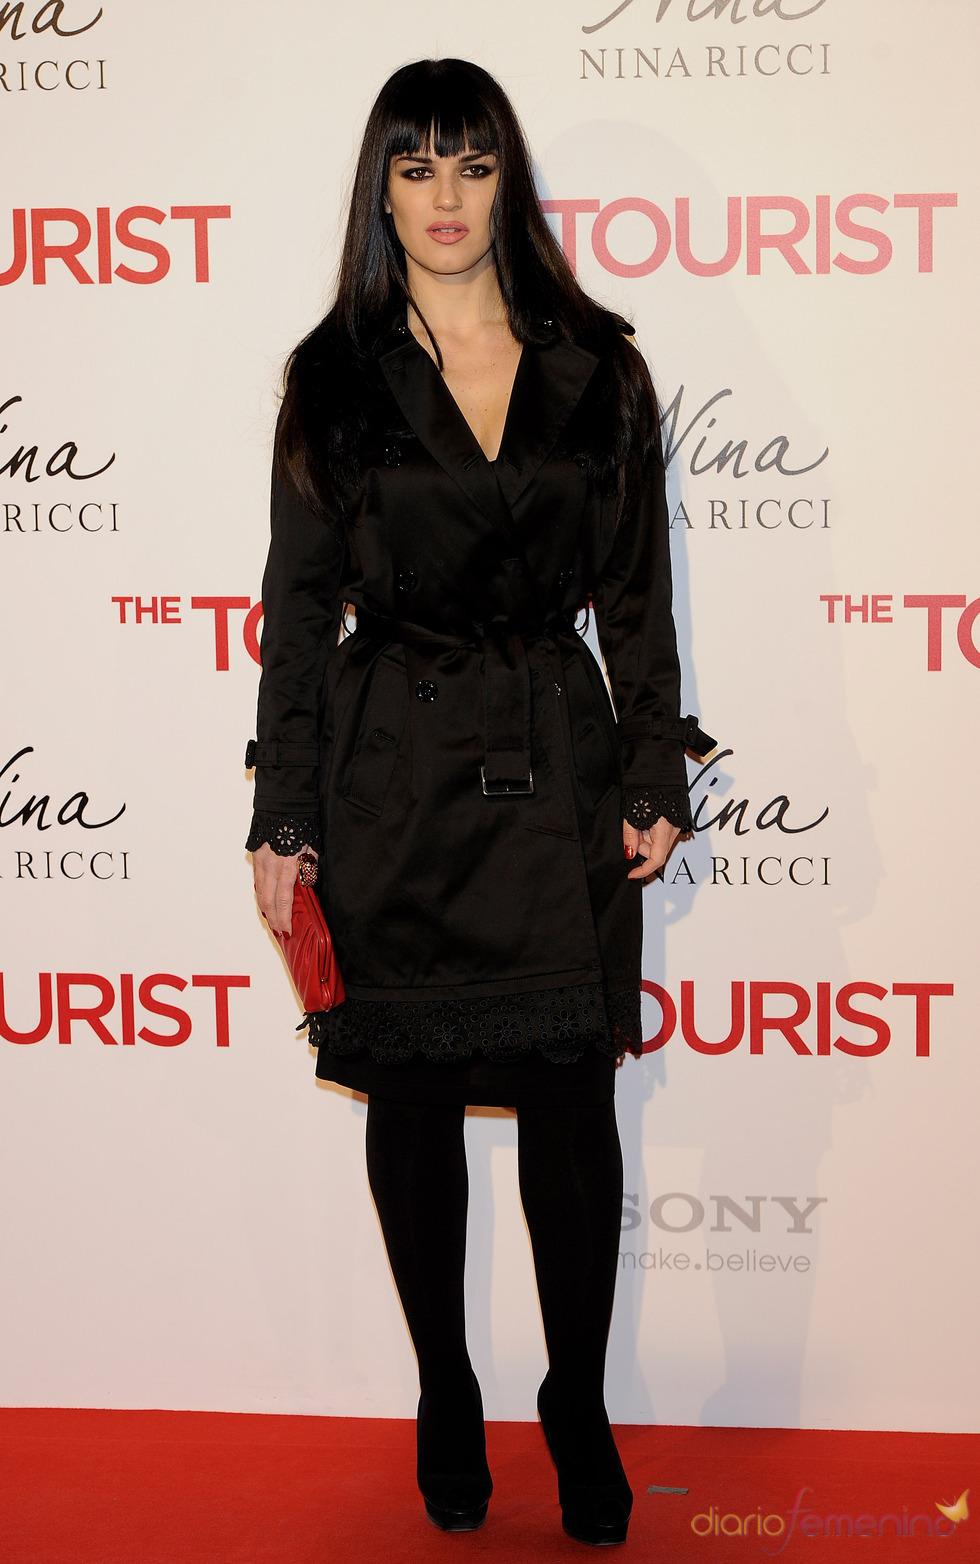 Sara Vega en la premiere de 'The Tourist' en Madrid